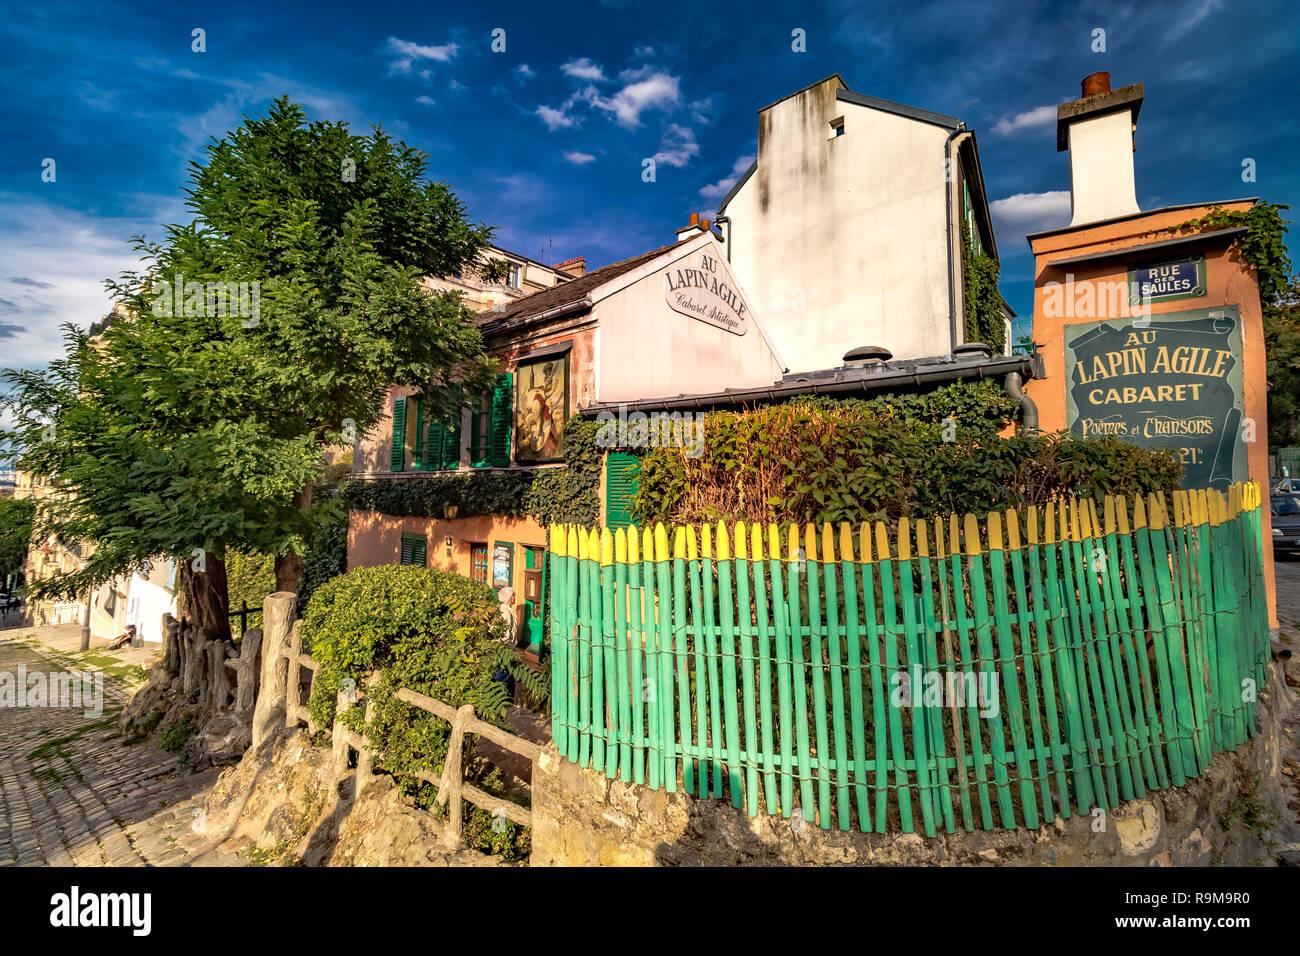 Au Lapin Agile, Il Coniglio Agile ,un famoso cabaret di Montmartre / night club , all'interno di un piccolo Borgo Casa al 22 rue des Saules, Montmartre, Parigi Immagini Stock